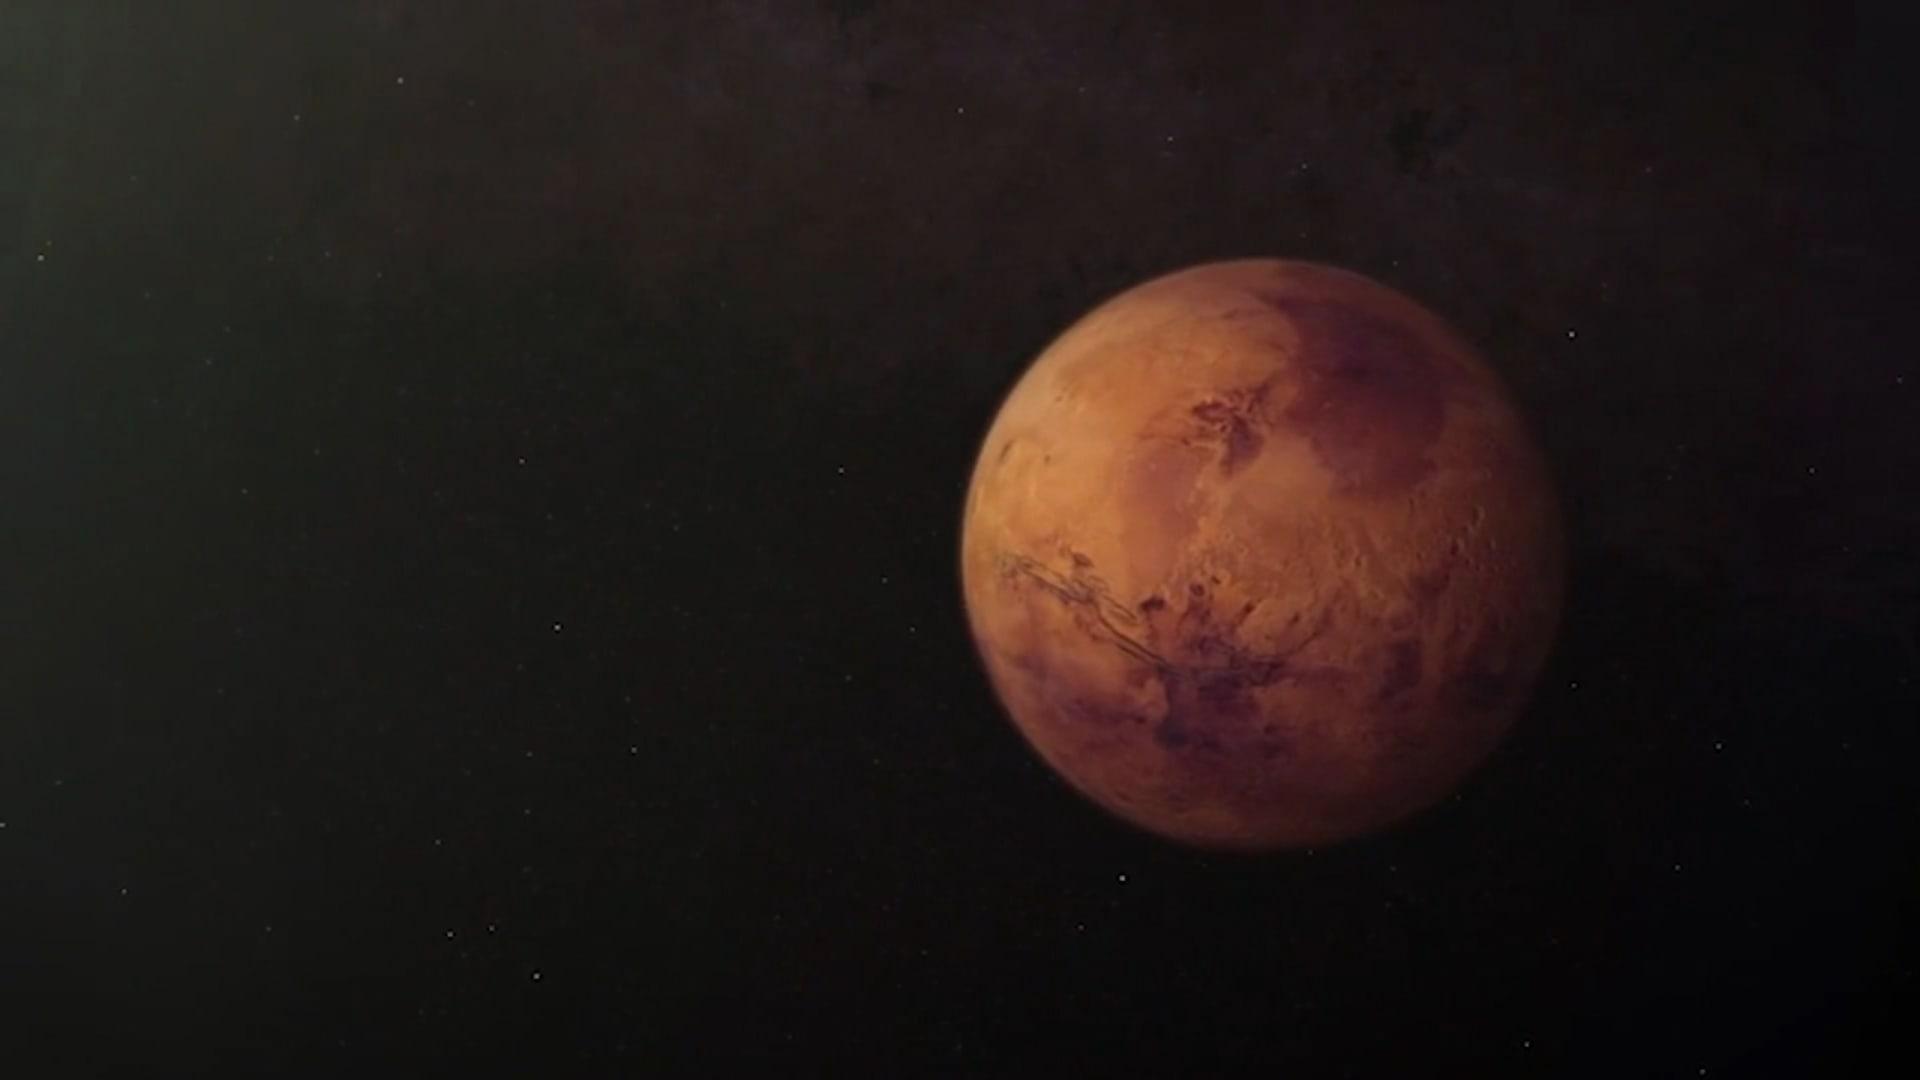 ناسا تبحث عن مشاركين لتجنيدهم في مهمة محاكاة كوكب المريخ لمدة عام كامل